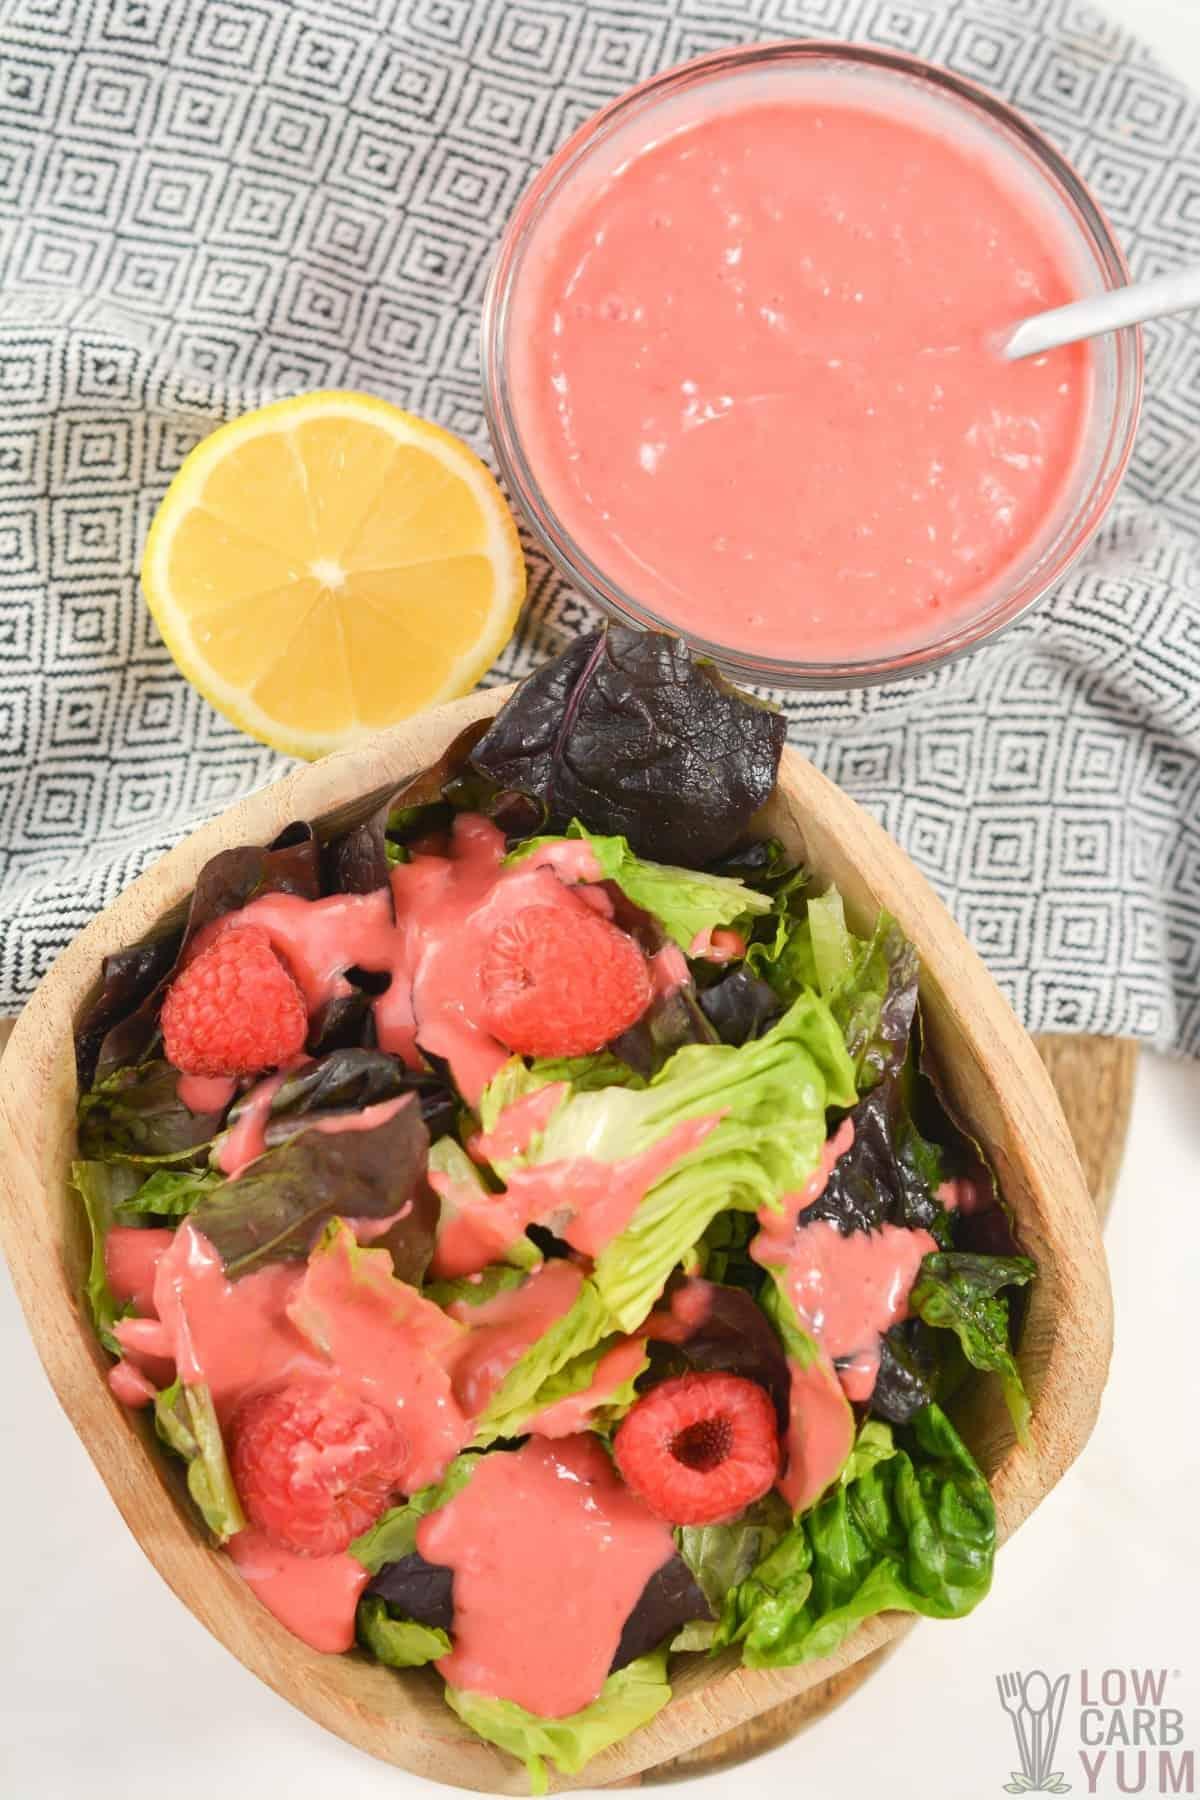 raspberry vinaigrette dresing drizzled over salad